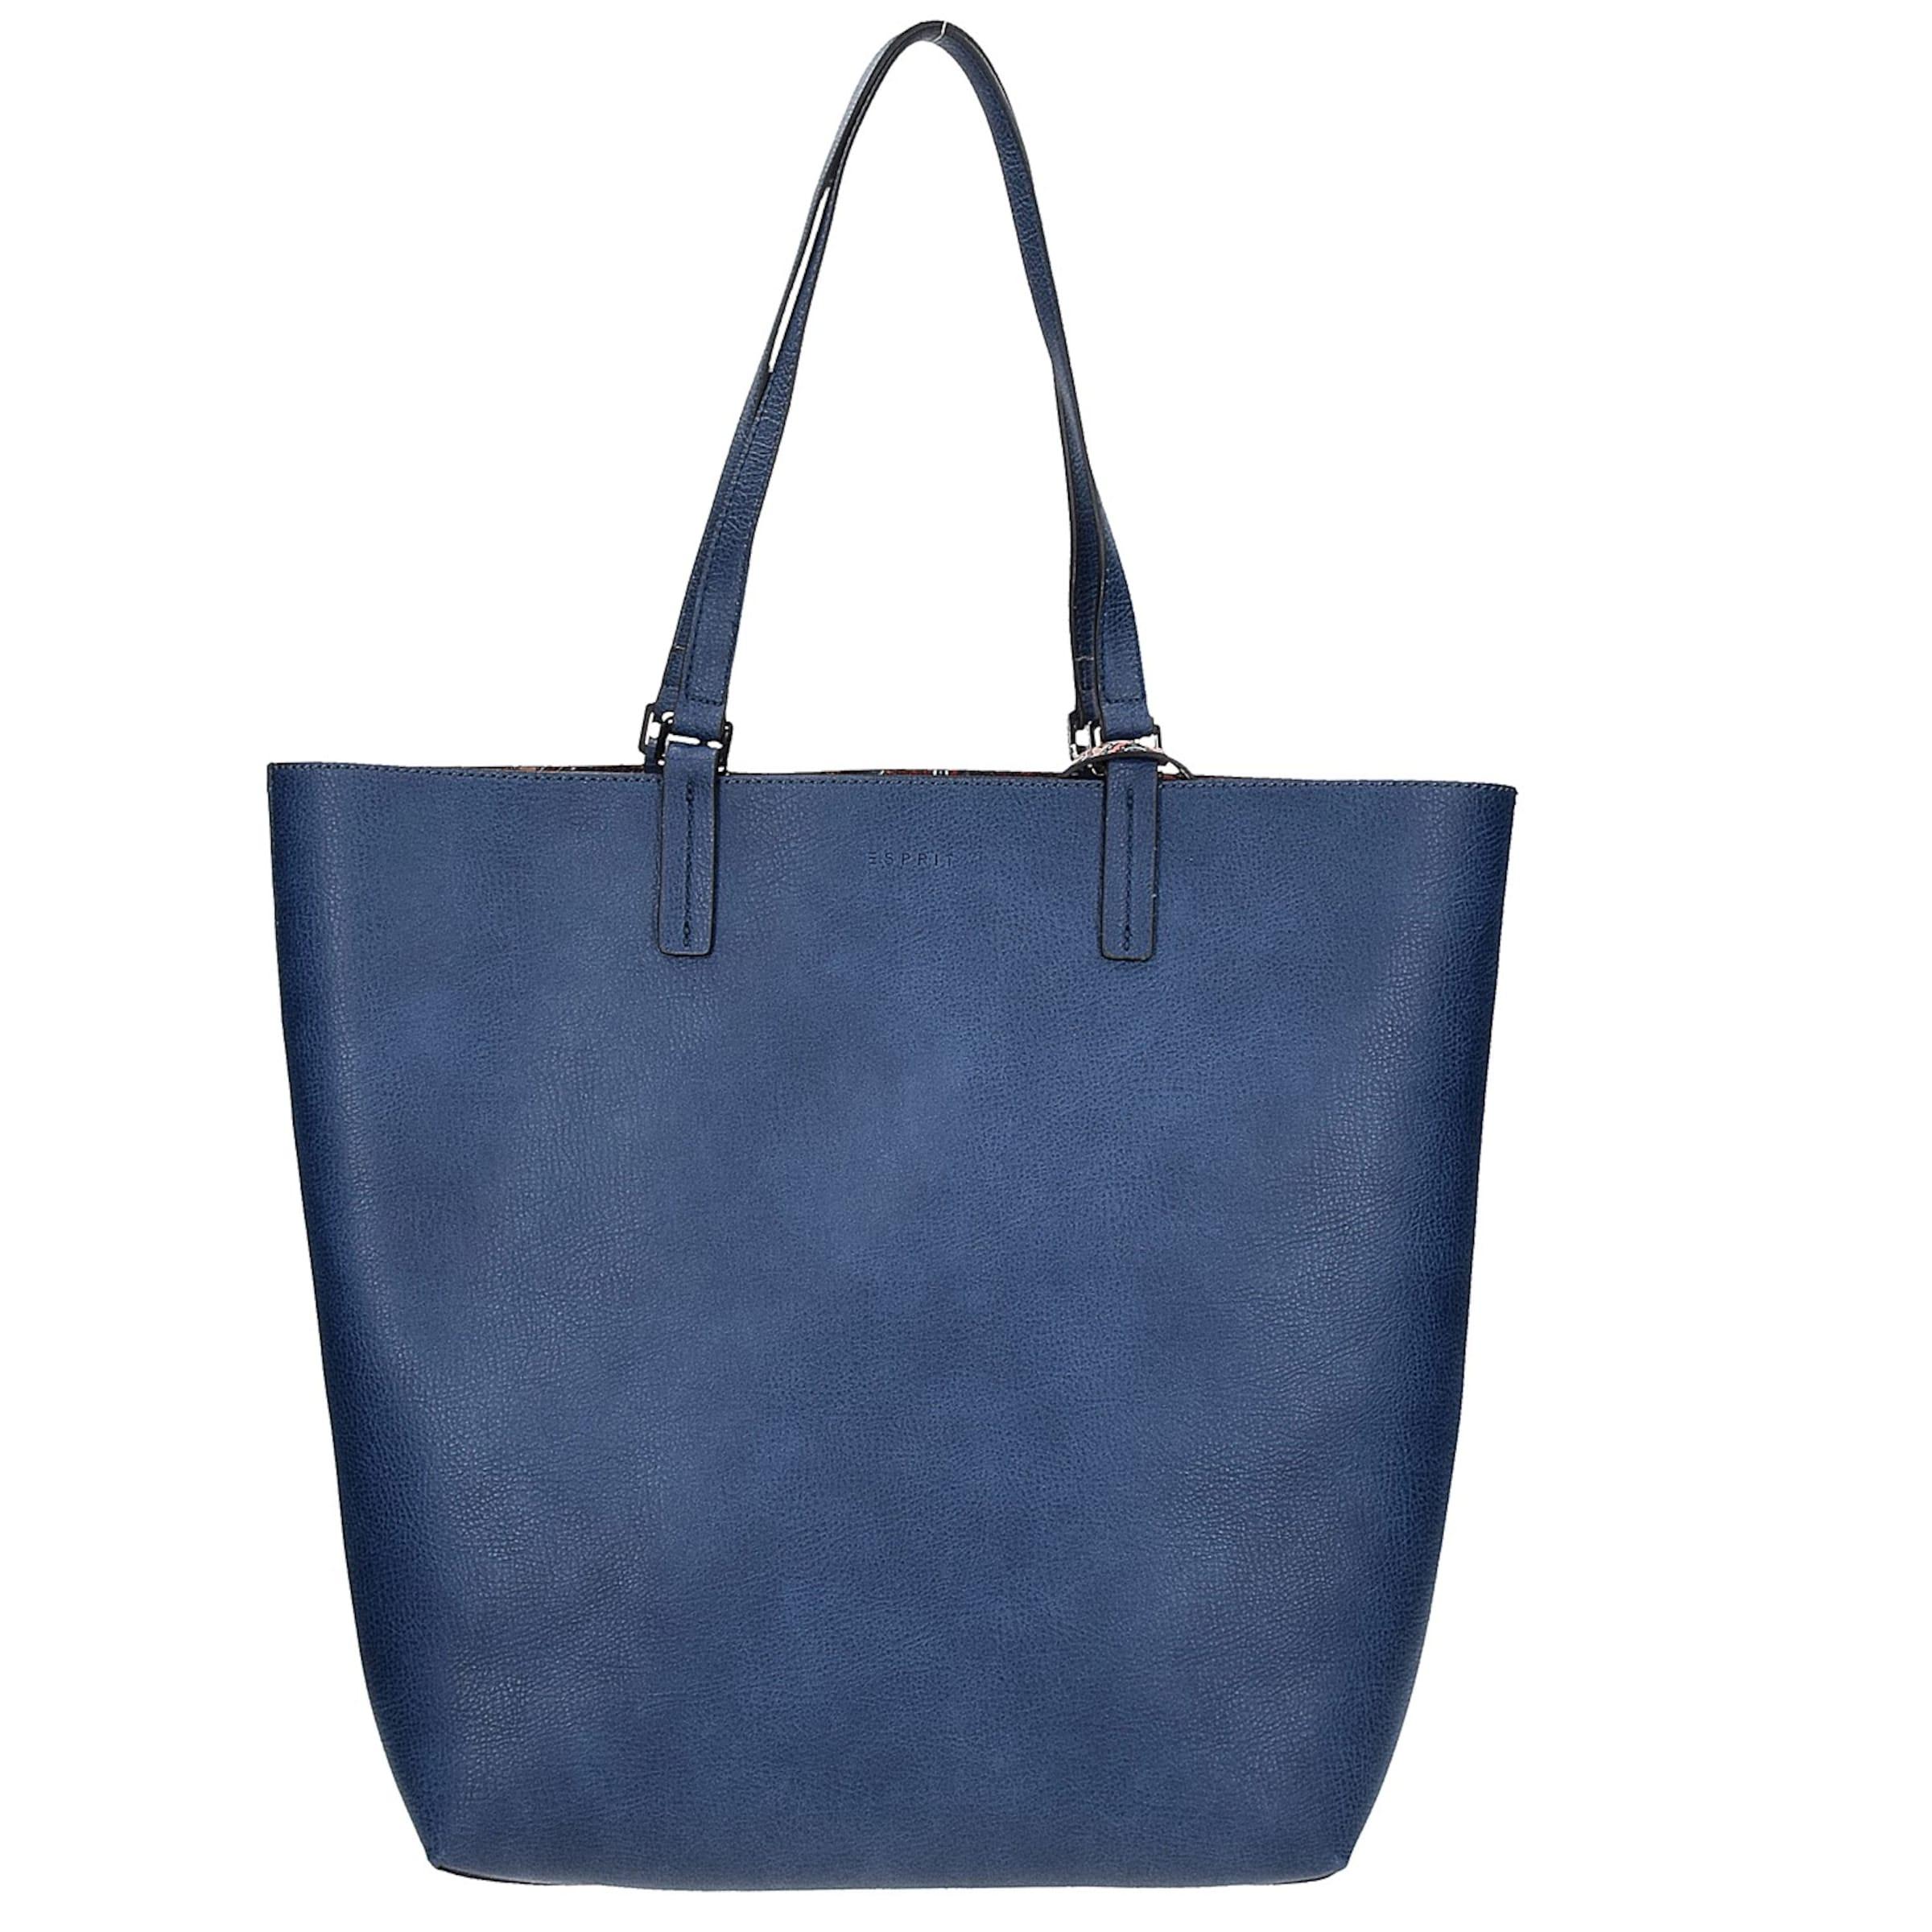 ESPRIT Felicia Shopper Tasche 31 cm